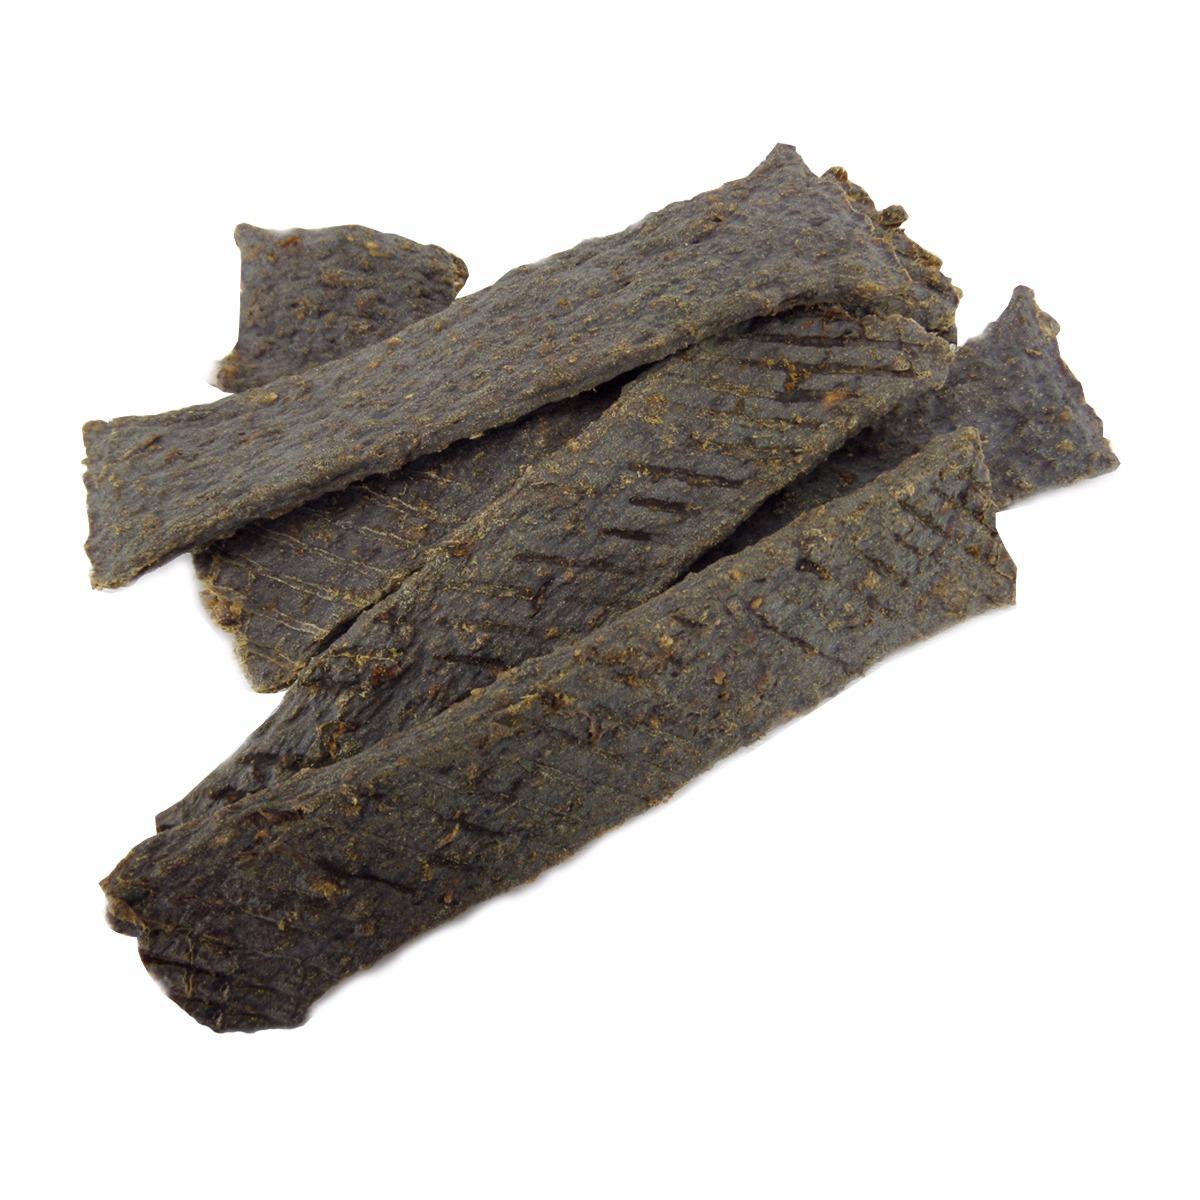 Deze vleesstrips van Geitenvlees zijn een smakelijke snack voor elke hond. De geitenvleesstrips bevatten alleen 100% geitenvlees. De vleesstrips zijn eenvoudig in kleinere stukken te breken waardoor ze naast als kauwsnack ook als beloningssnoepjes kunnen worden gebruikt.  Hondensnack van geitenvlees Geen geur- kleur- smaakstoffen Graanvrij; 100% geitenvlees  Inhoud: 100 gram